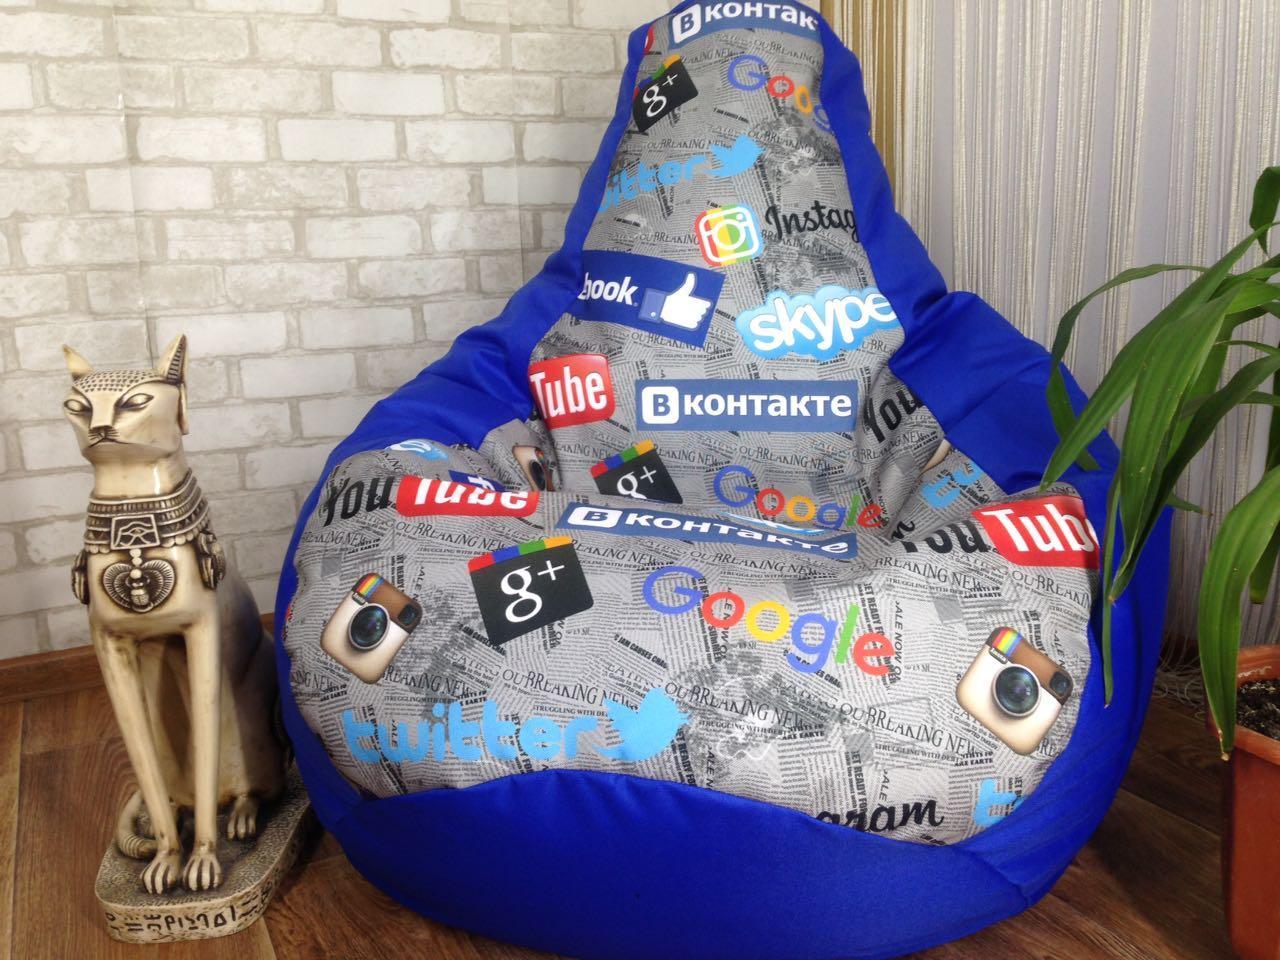 Кресло Мешок, бескаркасное кресло Груша ,Пуф  ХХL 130*90 см (средний) Ткань Оксфорд 600 ( моющаяся) +Принт !